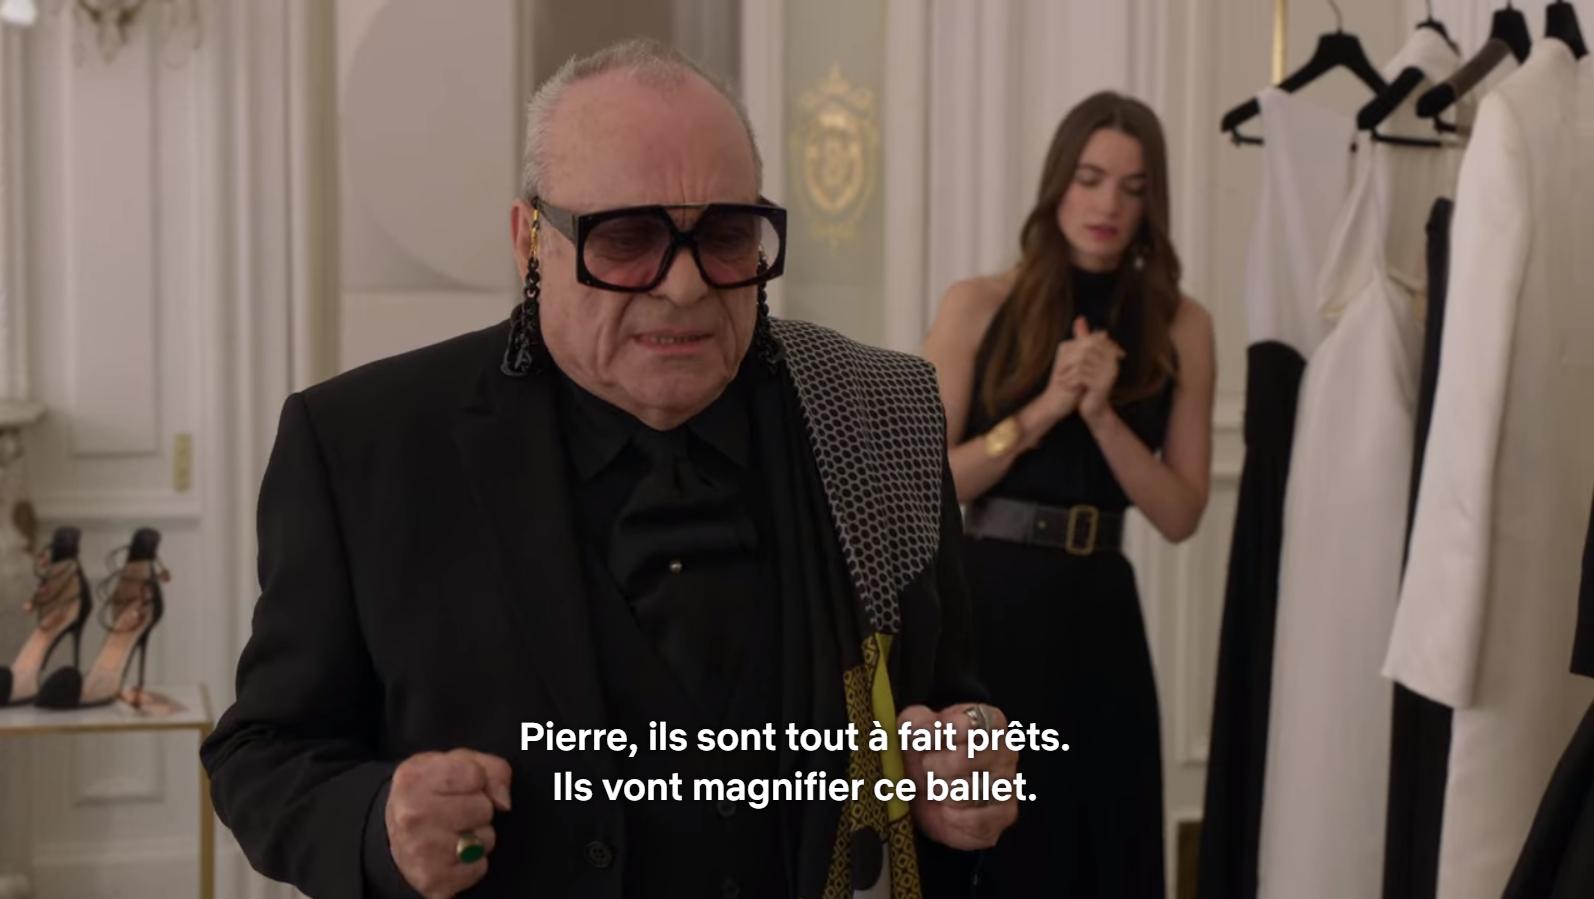 Pierre Cardin + Karl Lagarfeld = Pierre Cadault, couturier